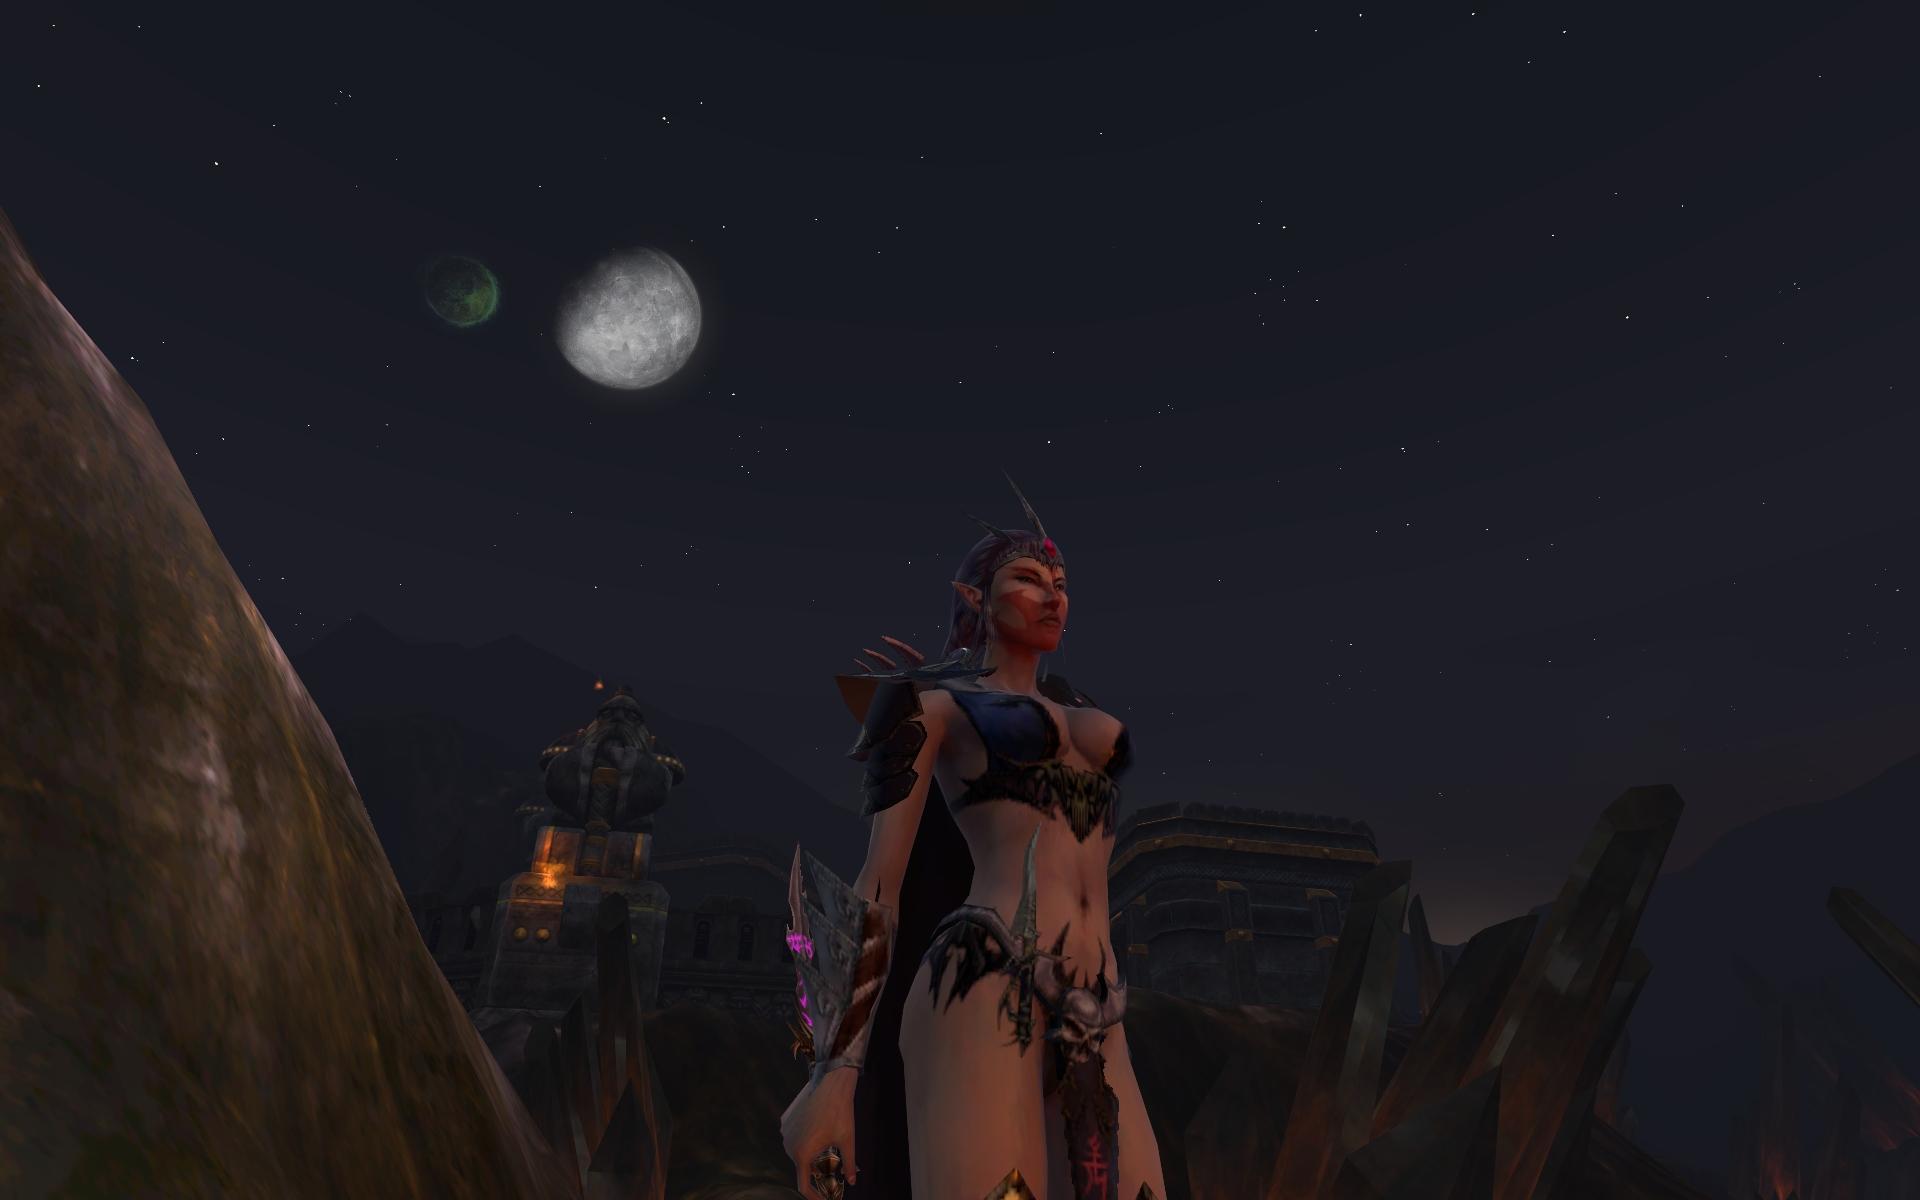 Une Furie au clair de lune